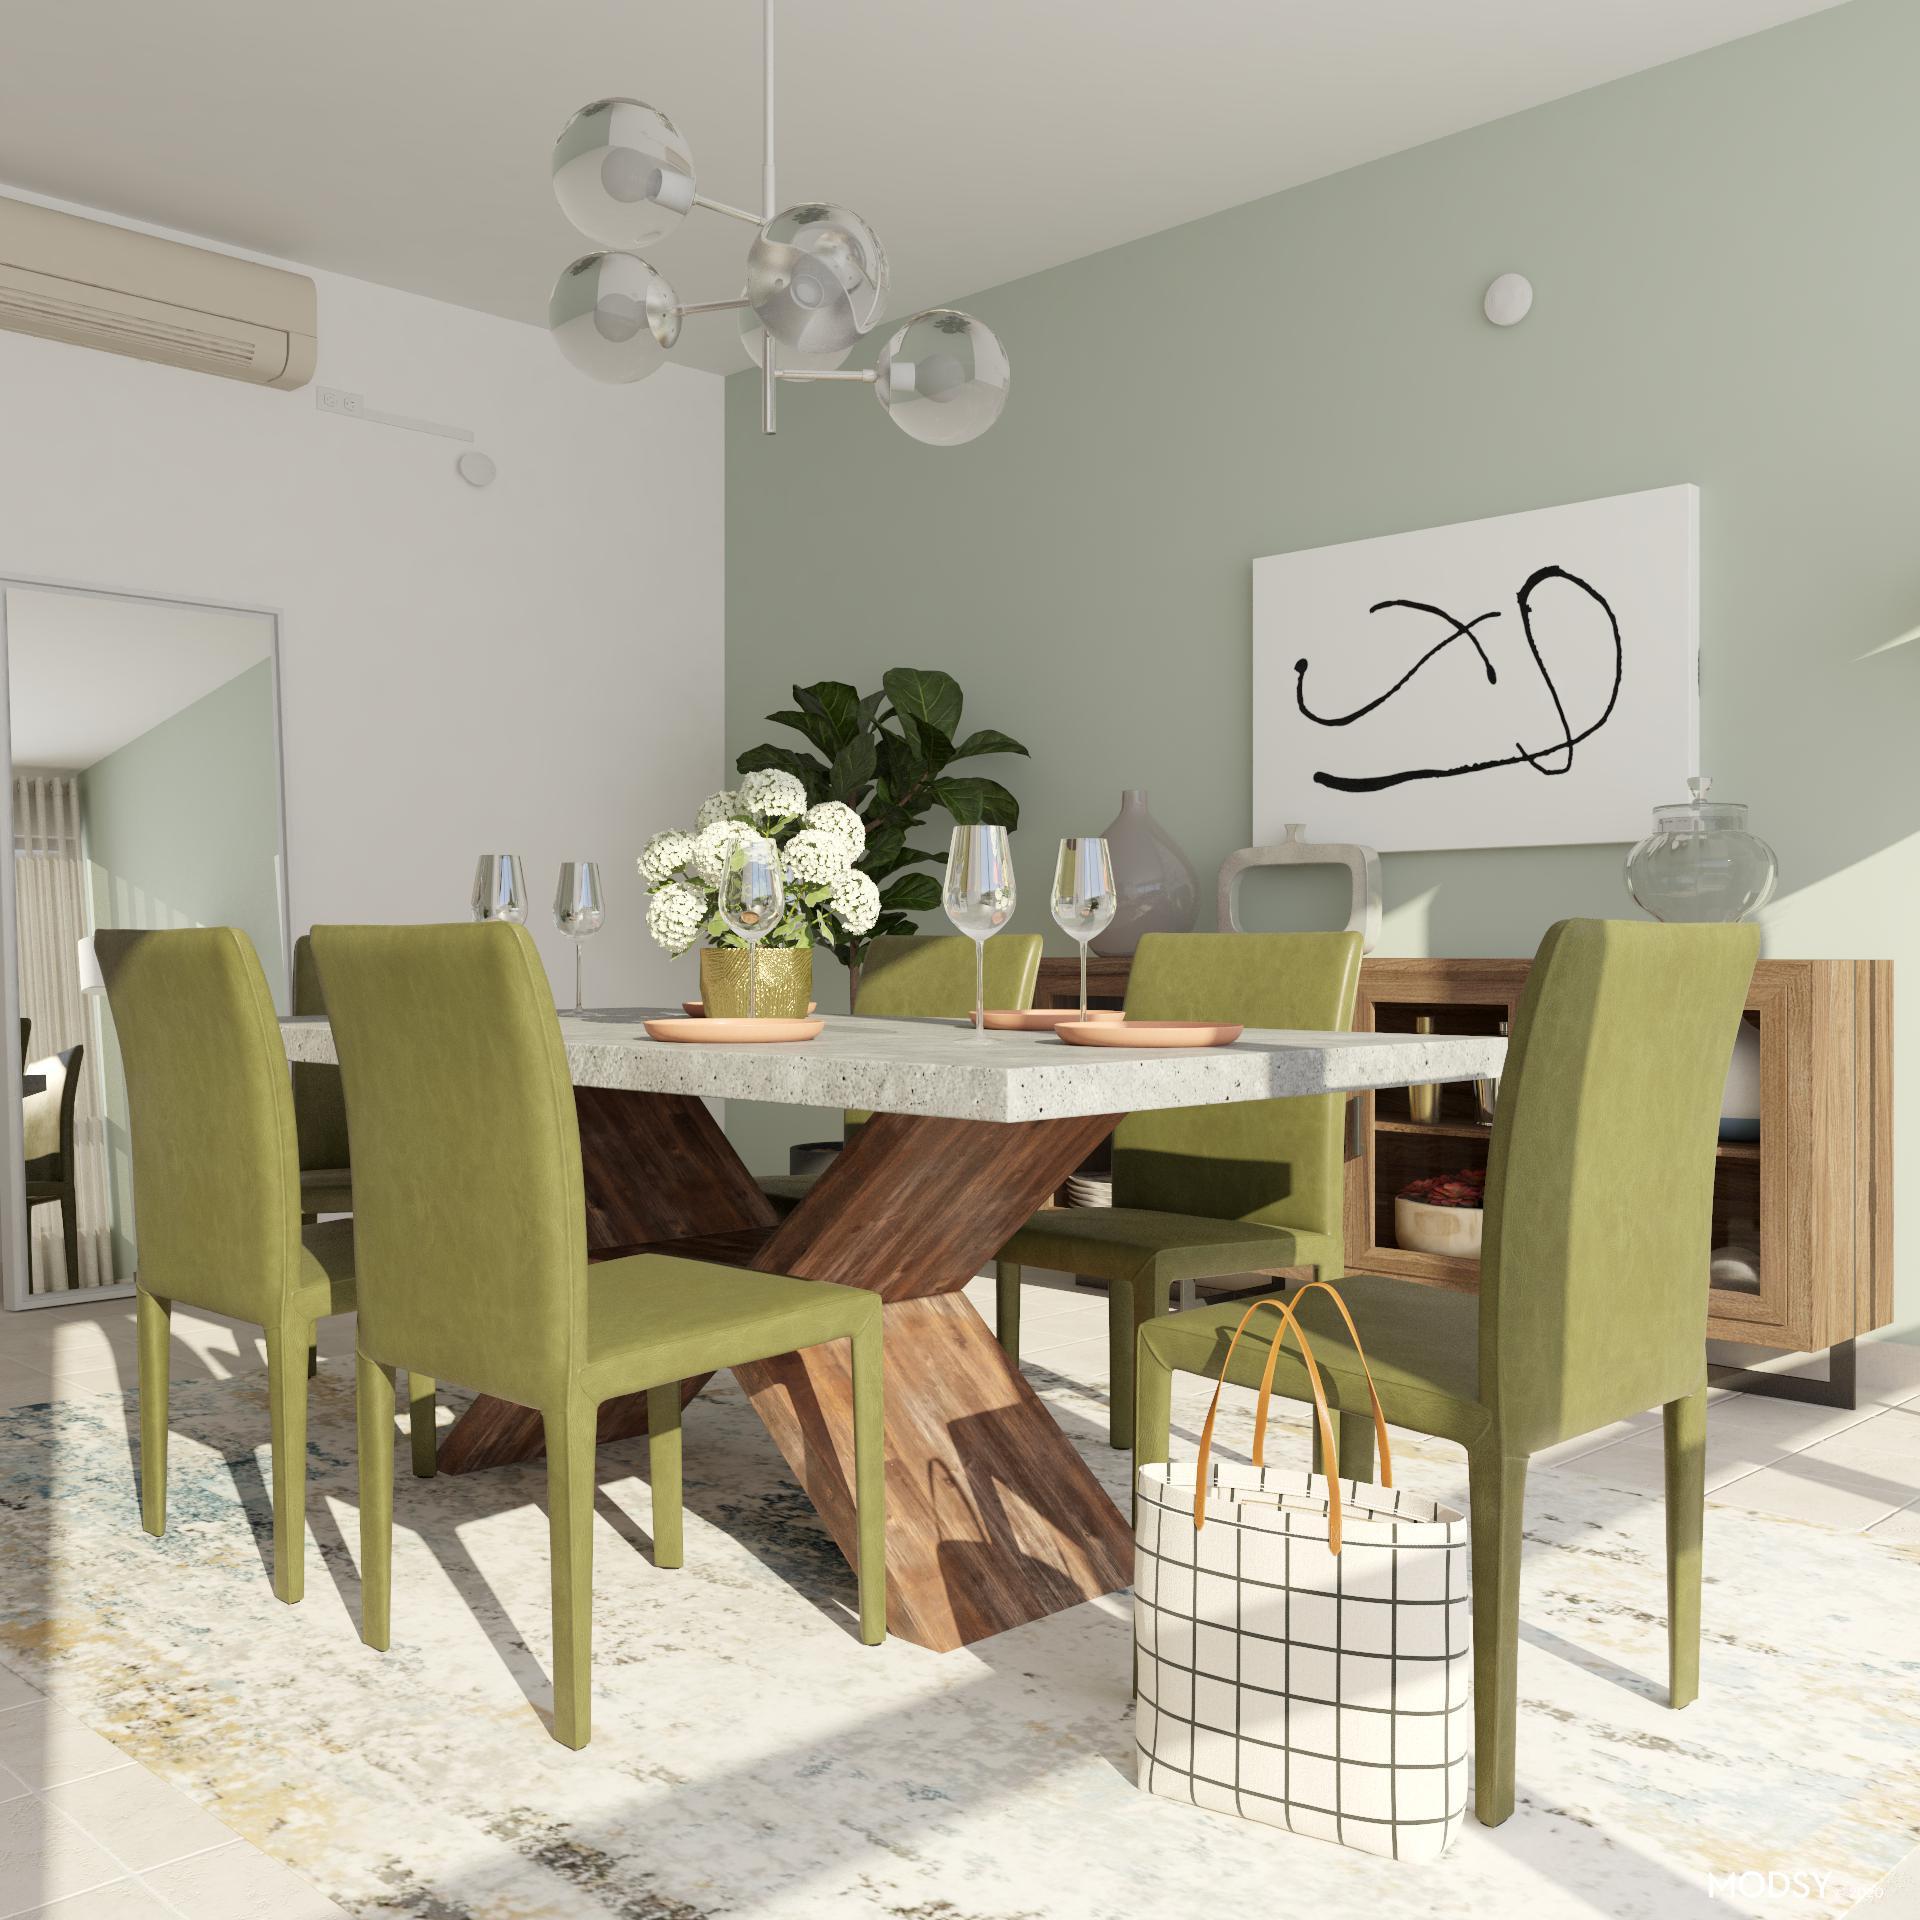 Minimalistic Materials | Minimalist-Style Dining Room ...